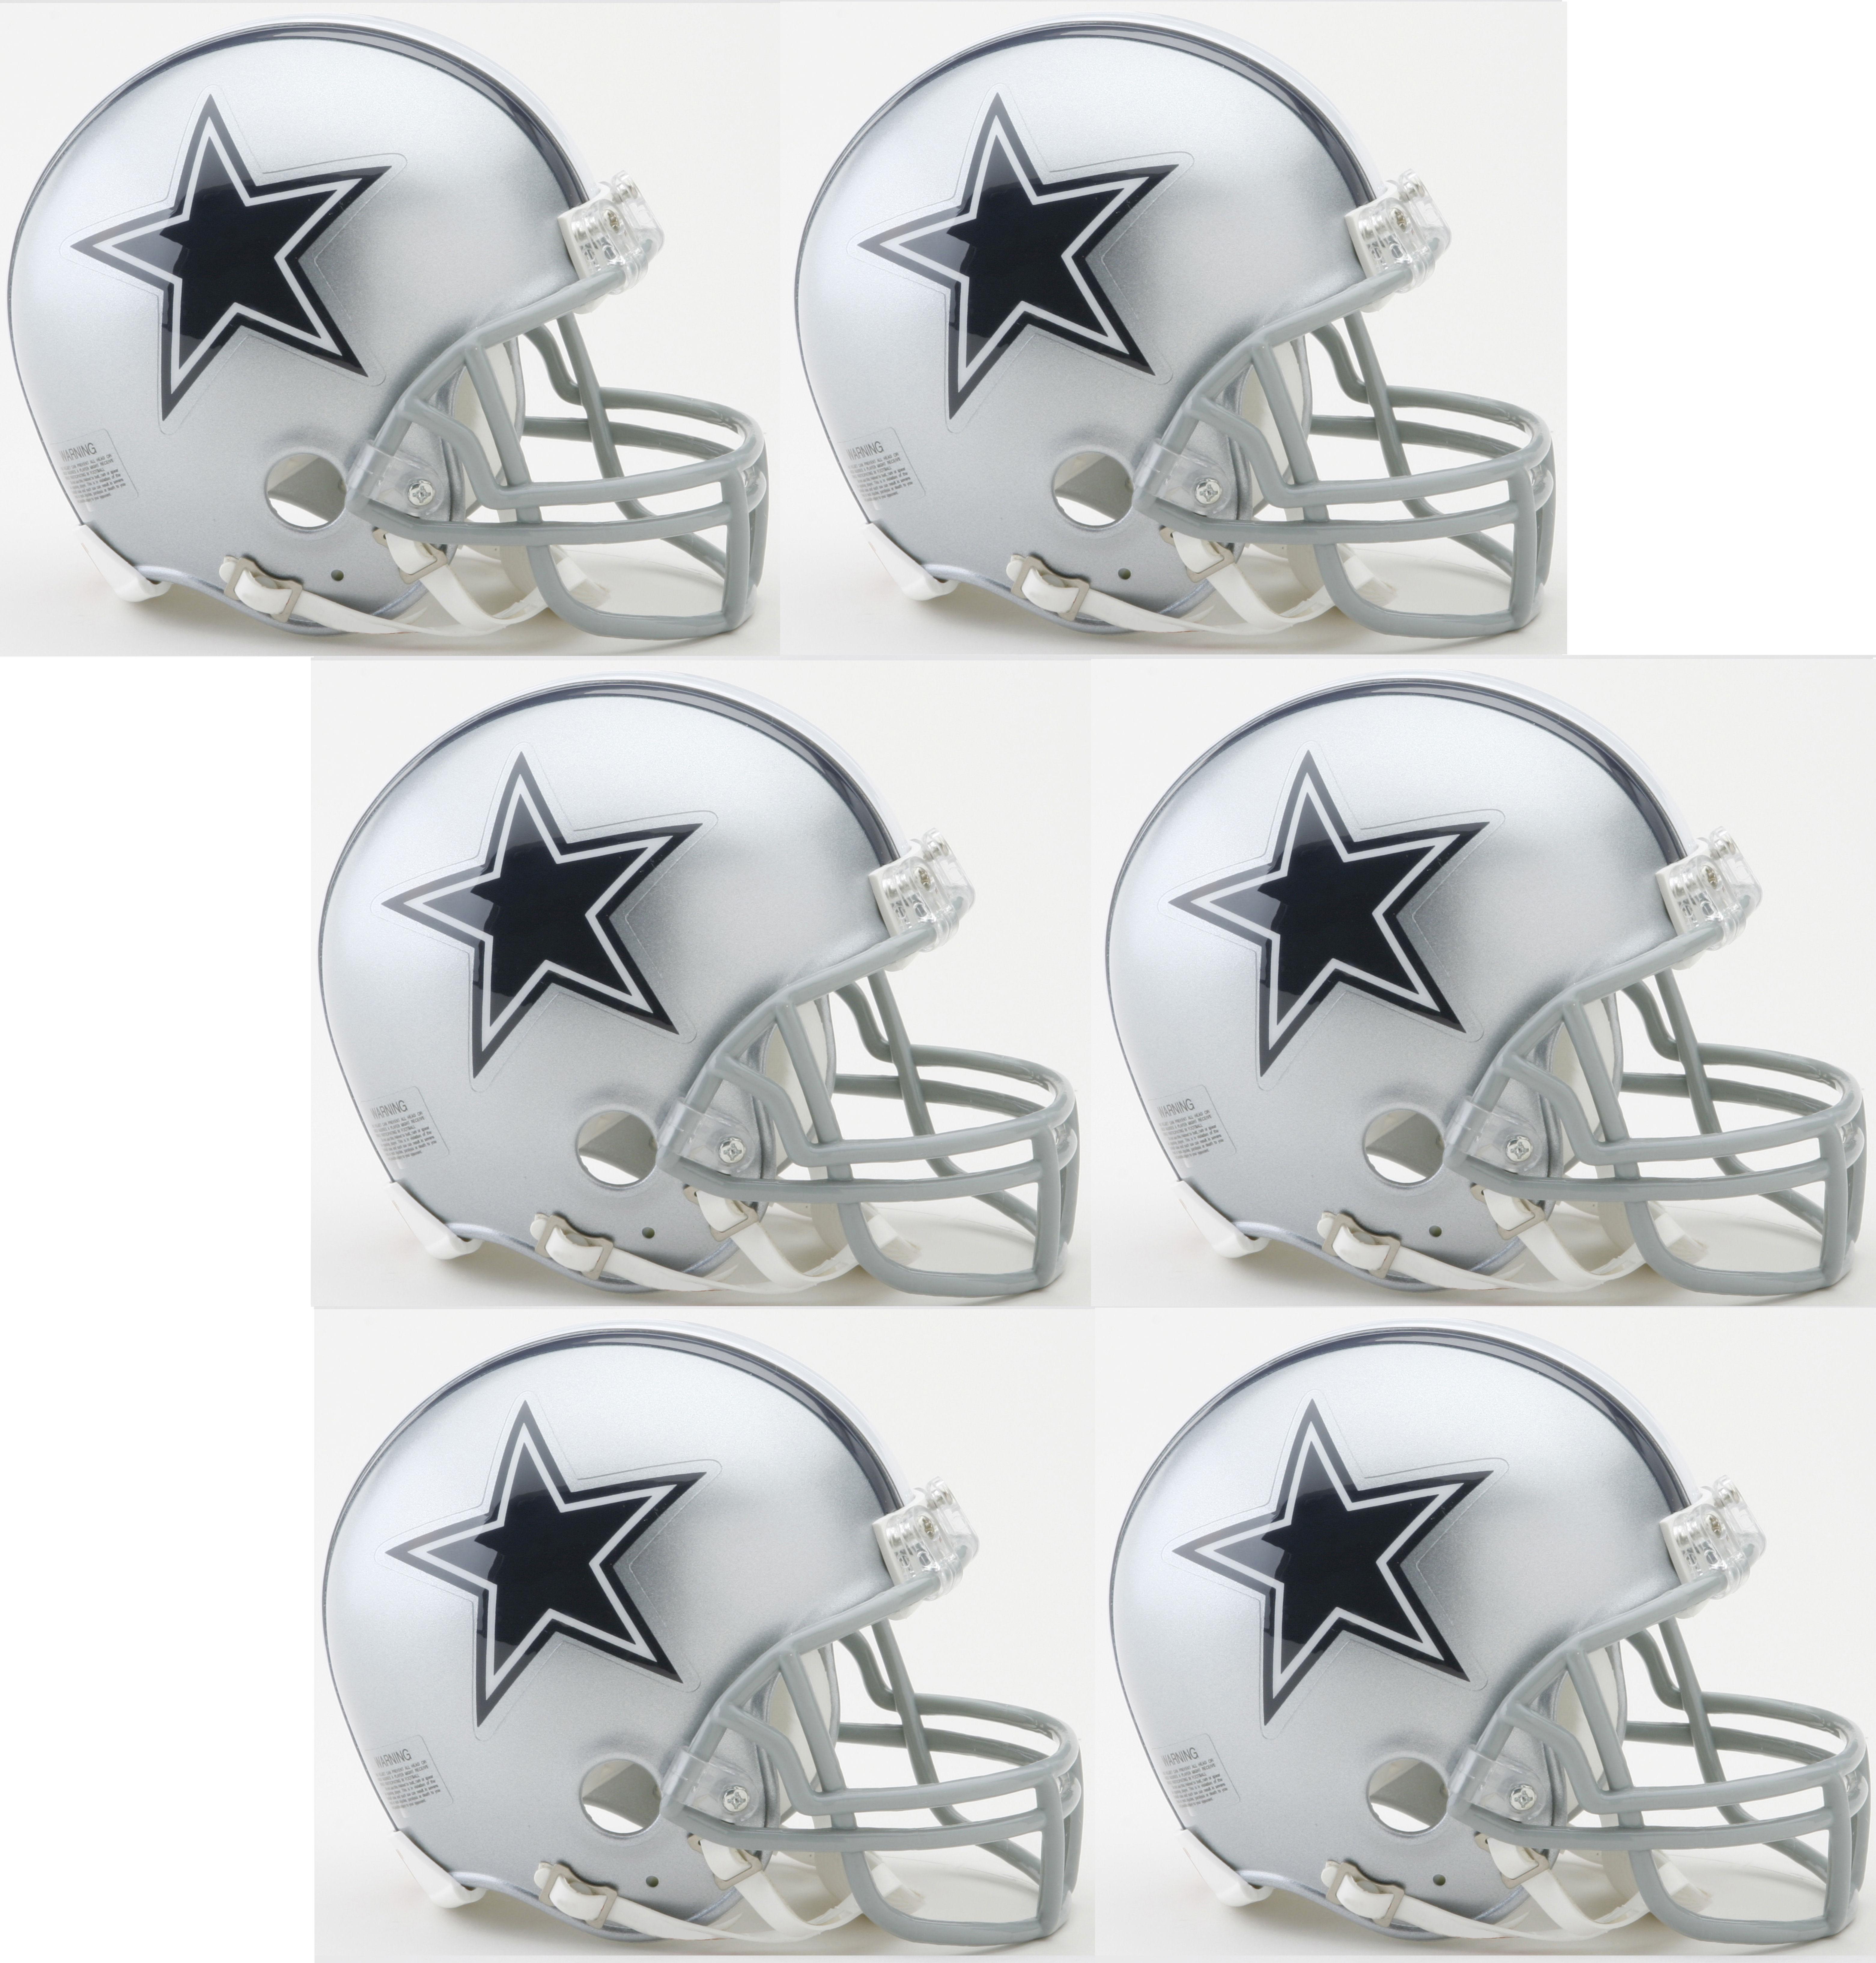 Dallas Cowboys NFL Mini Football Helmet 6 count